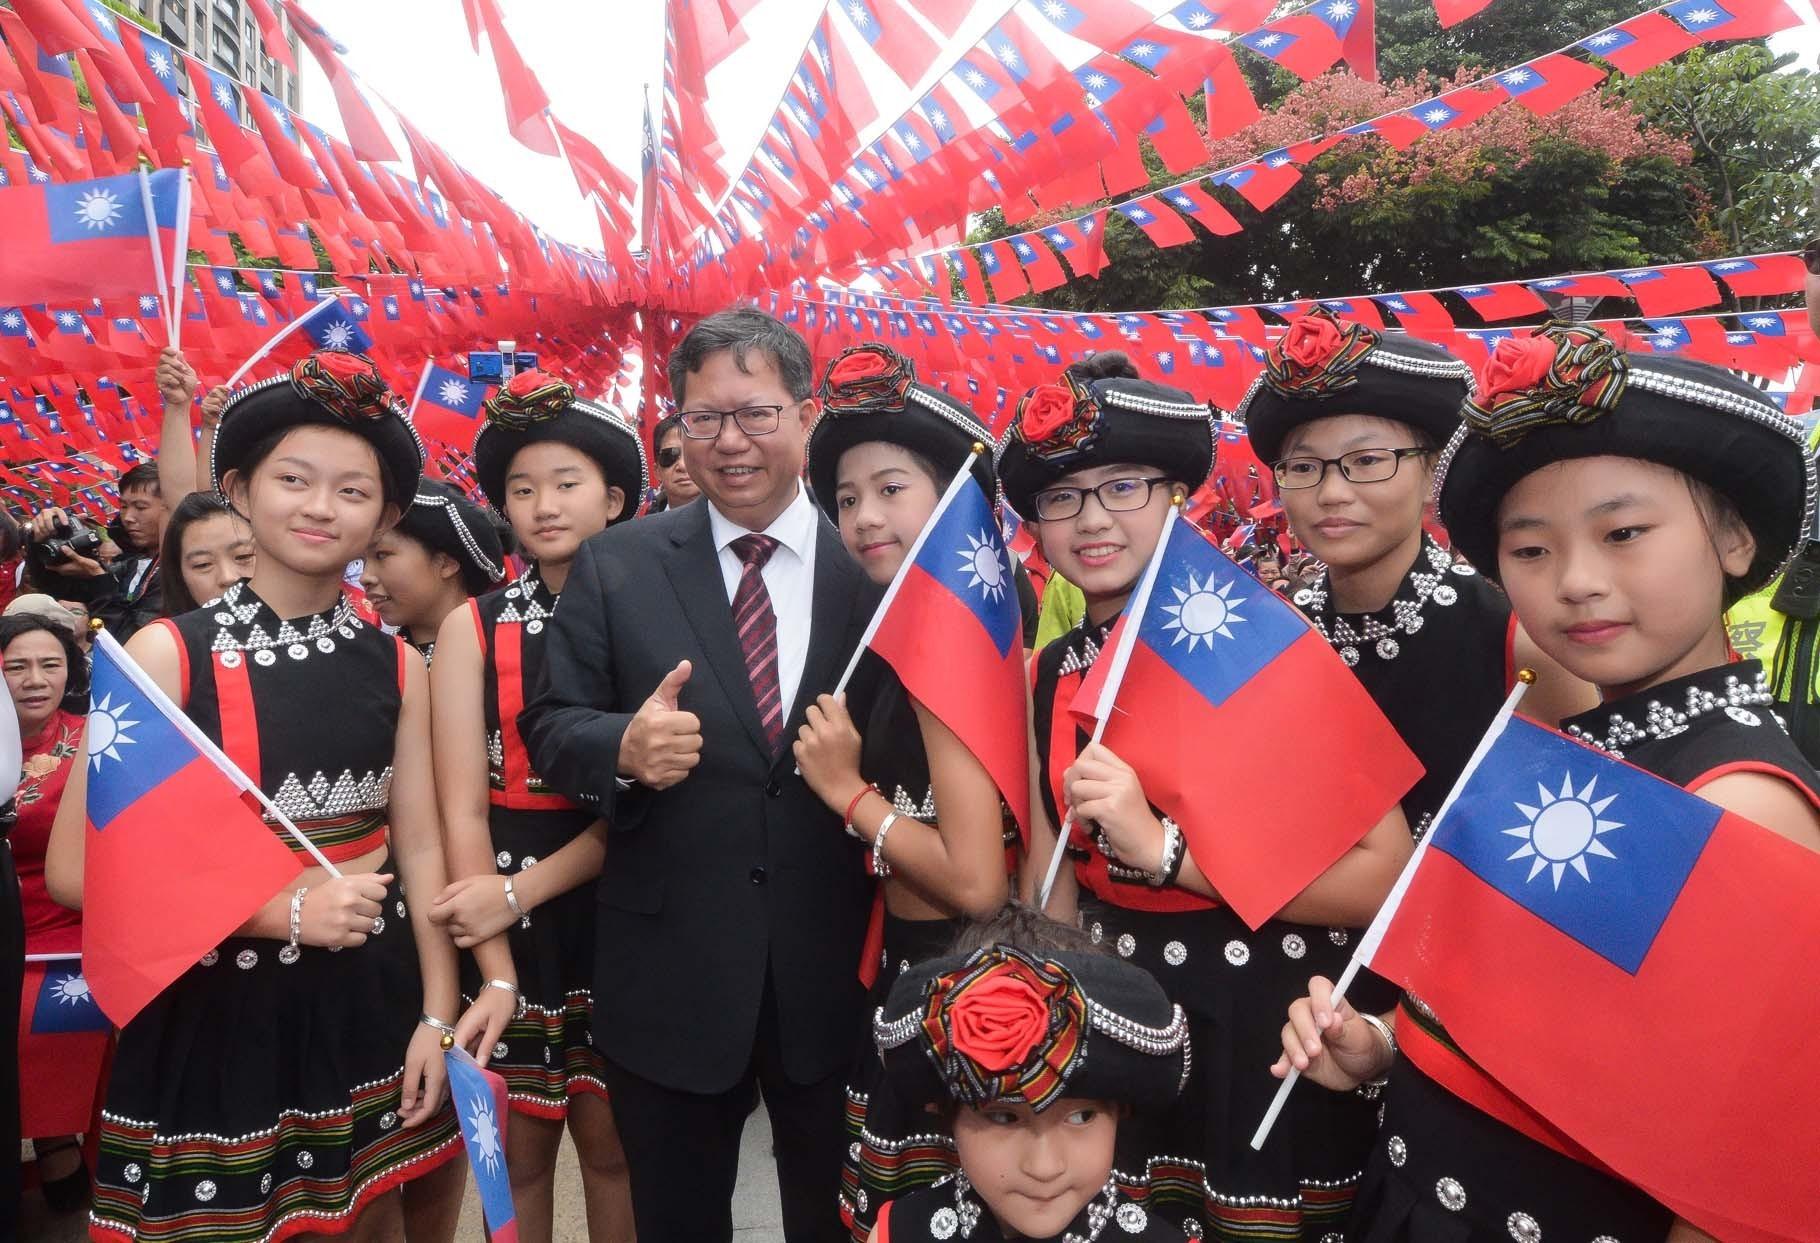 市長和市民朋友在國旗飄揚下合影